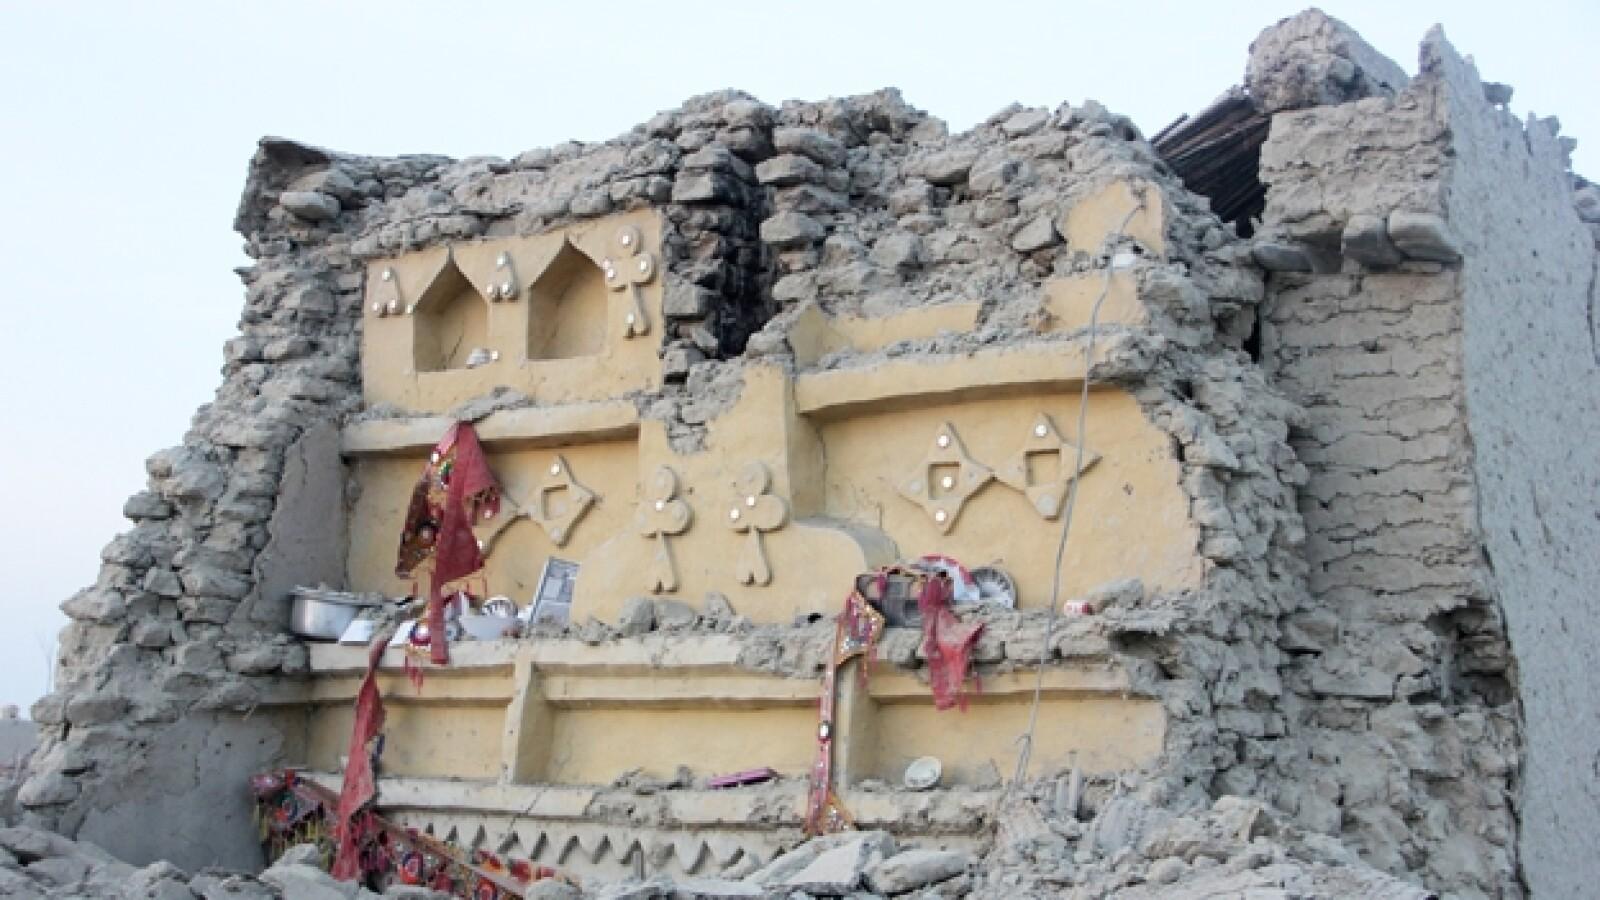 escombros dejados por el sismo